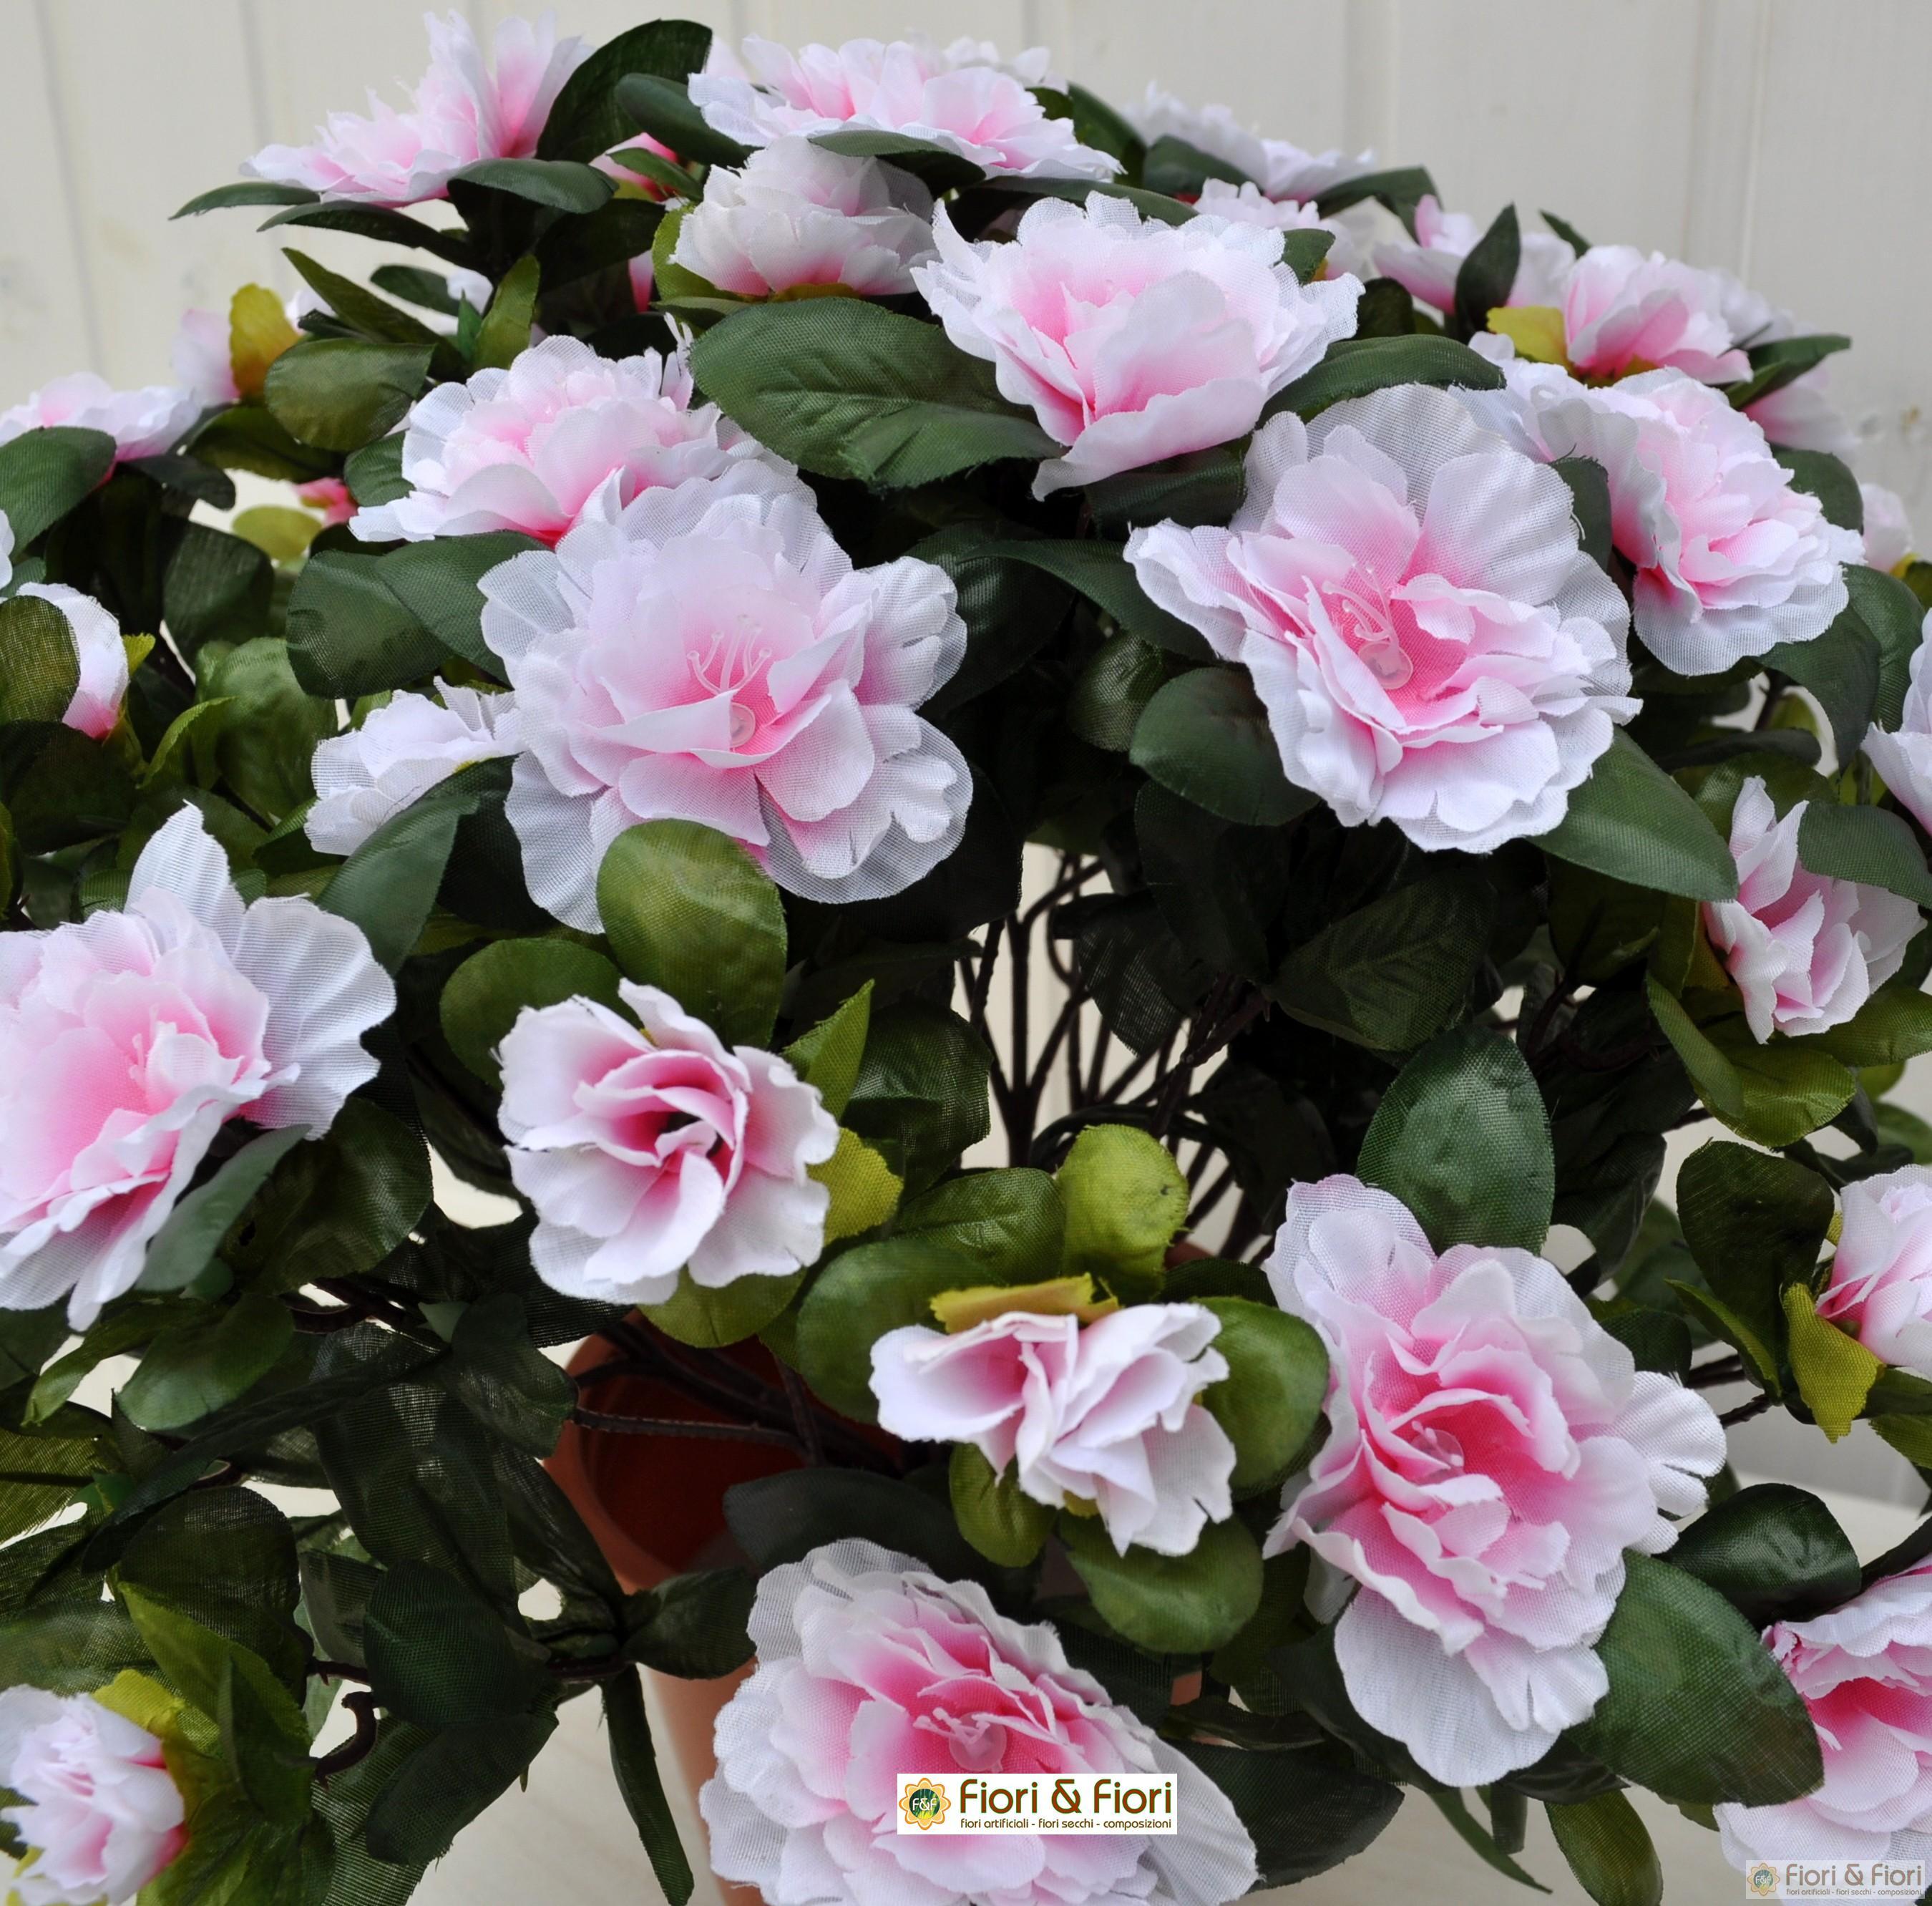 Pianta di azalea artificiale sia da interno che esterno - Azalea pianta da interno o esterno ...